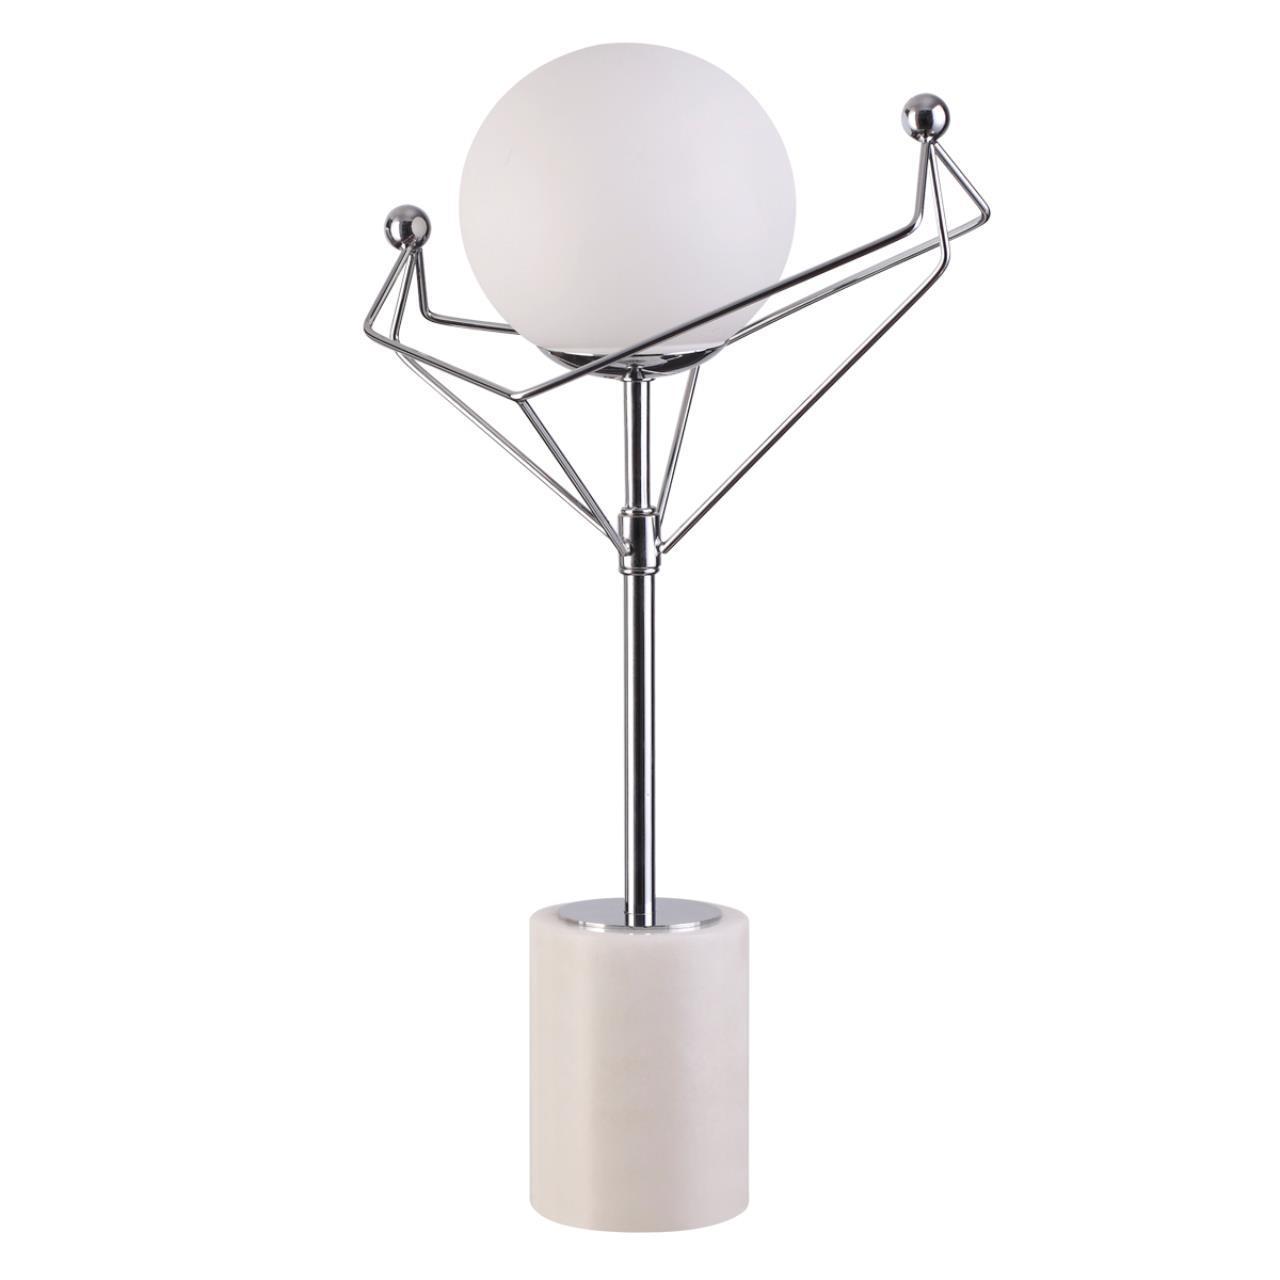 4467/1T MODERNI LN20 55 хром, белый Настольная лампа E14 1*40W 220V KENNEDY